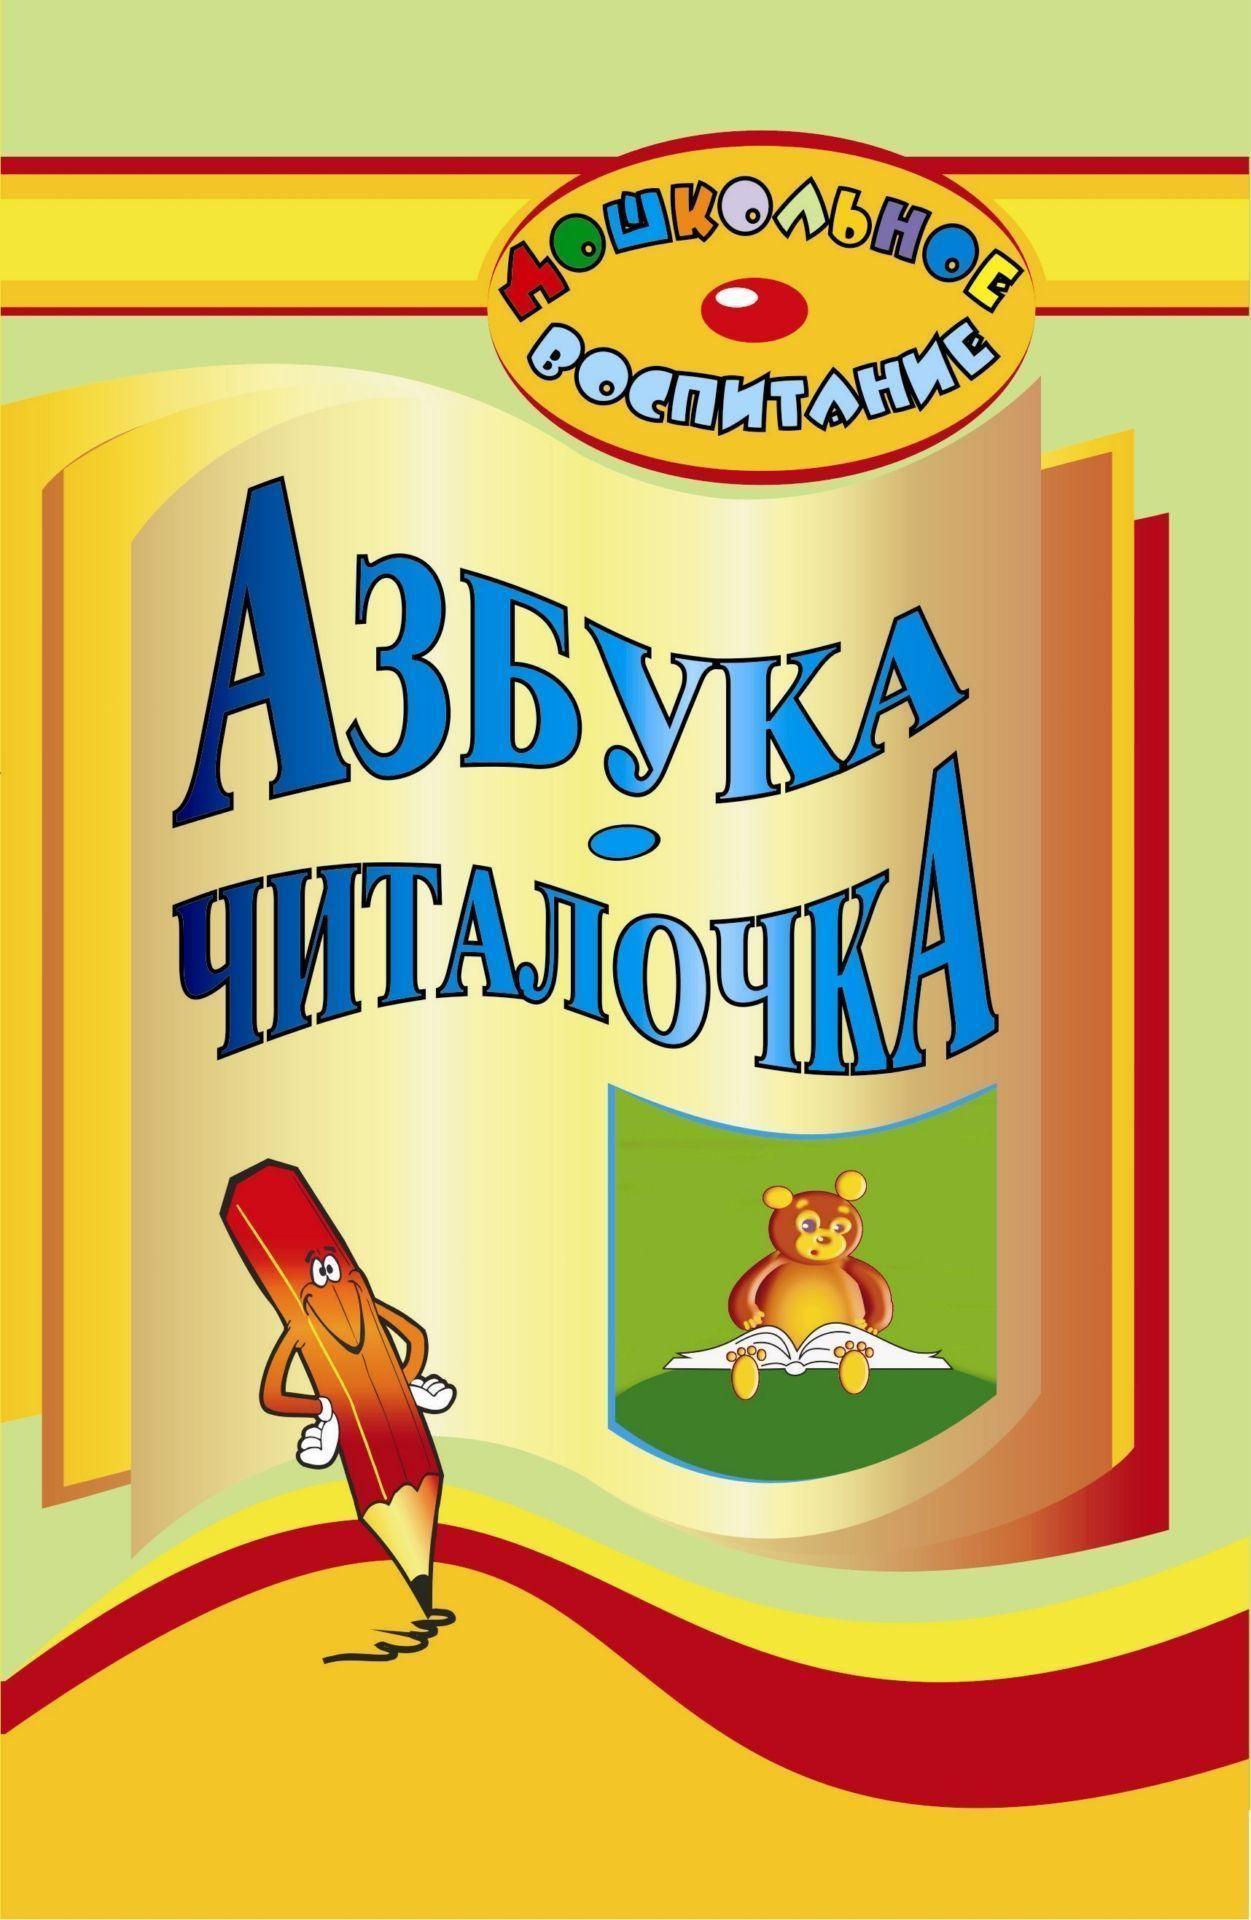 Азбука-читалочкаЗанятия с детьми дошкольного возраста<br>Овладение чтением требует от ребенка большого умственного и физического напряжения. Поэтому так важно сочетать учебные упражнения с элементами занимательности.В пособии представлены стихотворения, загадки, считалки, сказки, ребусы, творческие задания, пре...<br><br>Авторы: Попова Г. П., Вакуленко Ю. А.<br>Год: 2008<br>Серия: Дошкольное воспитание<br>ISBN: 978-5-7057-1511-4<br>Высота: 213<br>Ширина: 138<br>Толщина: 6